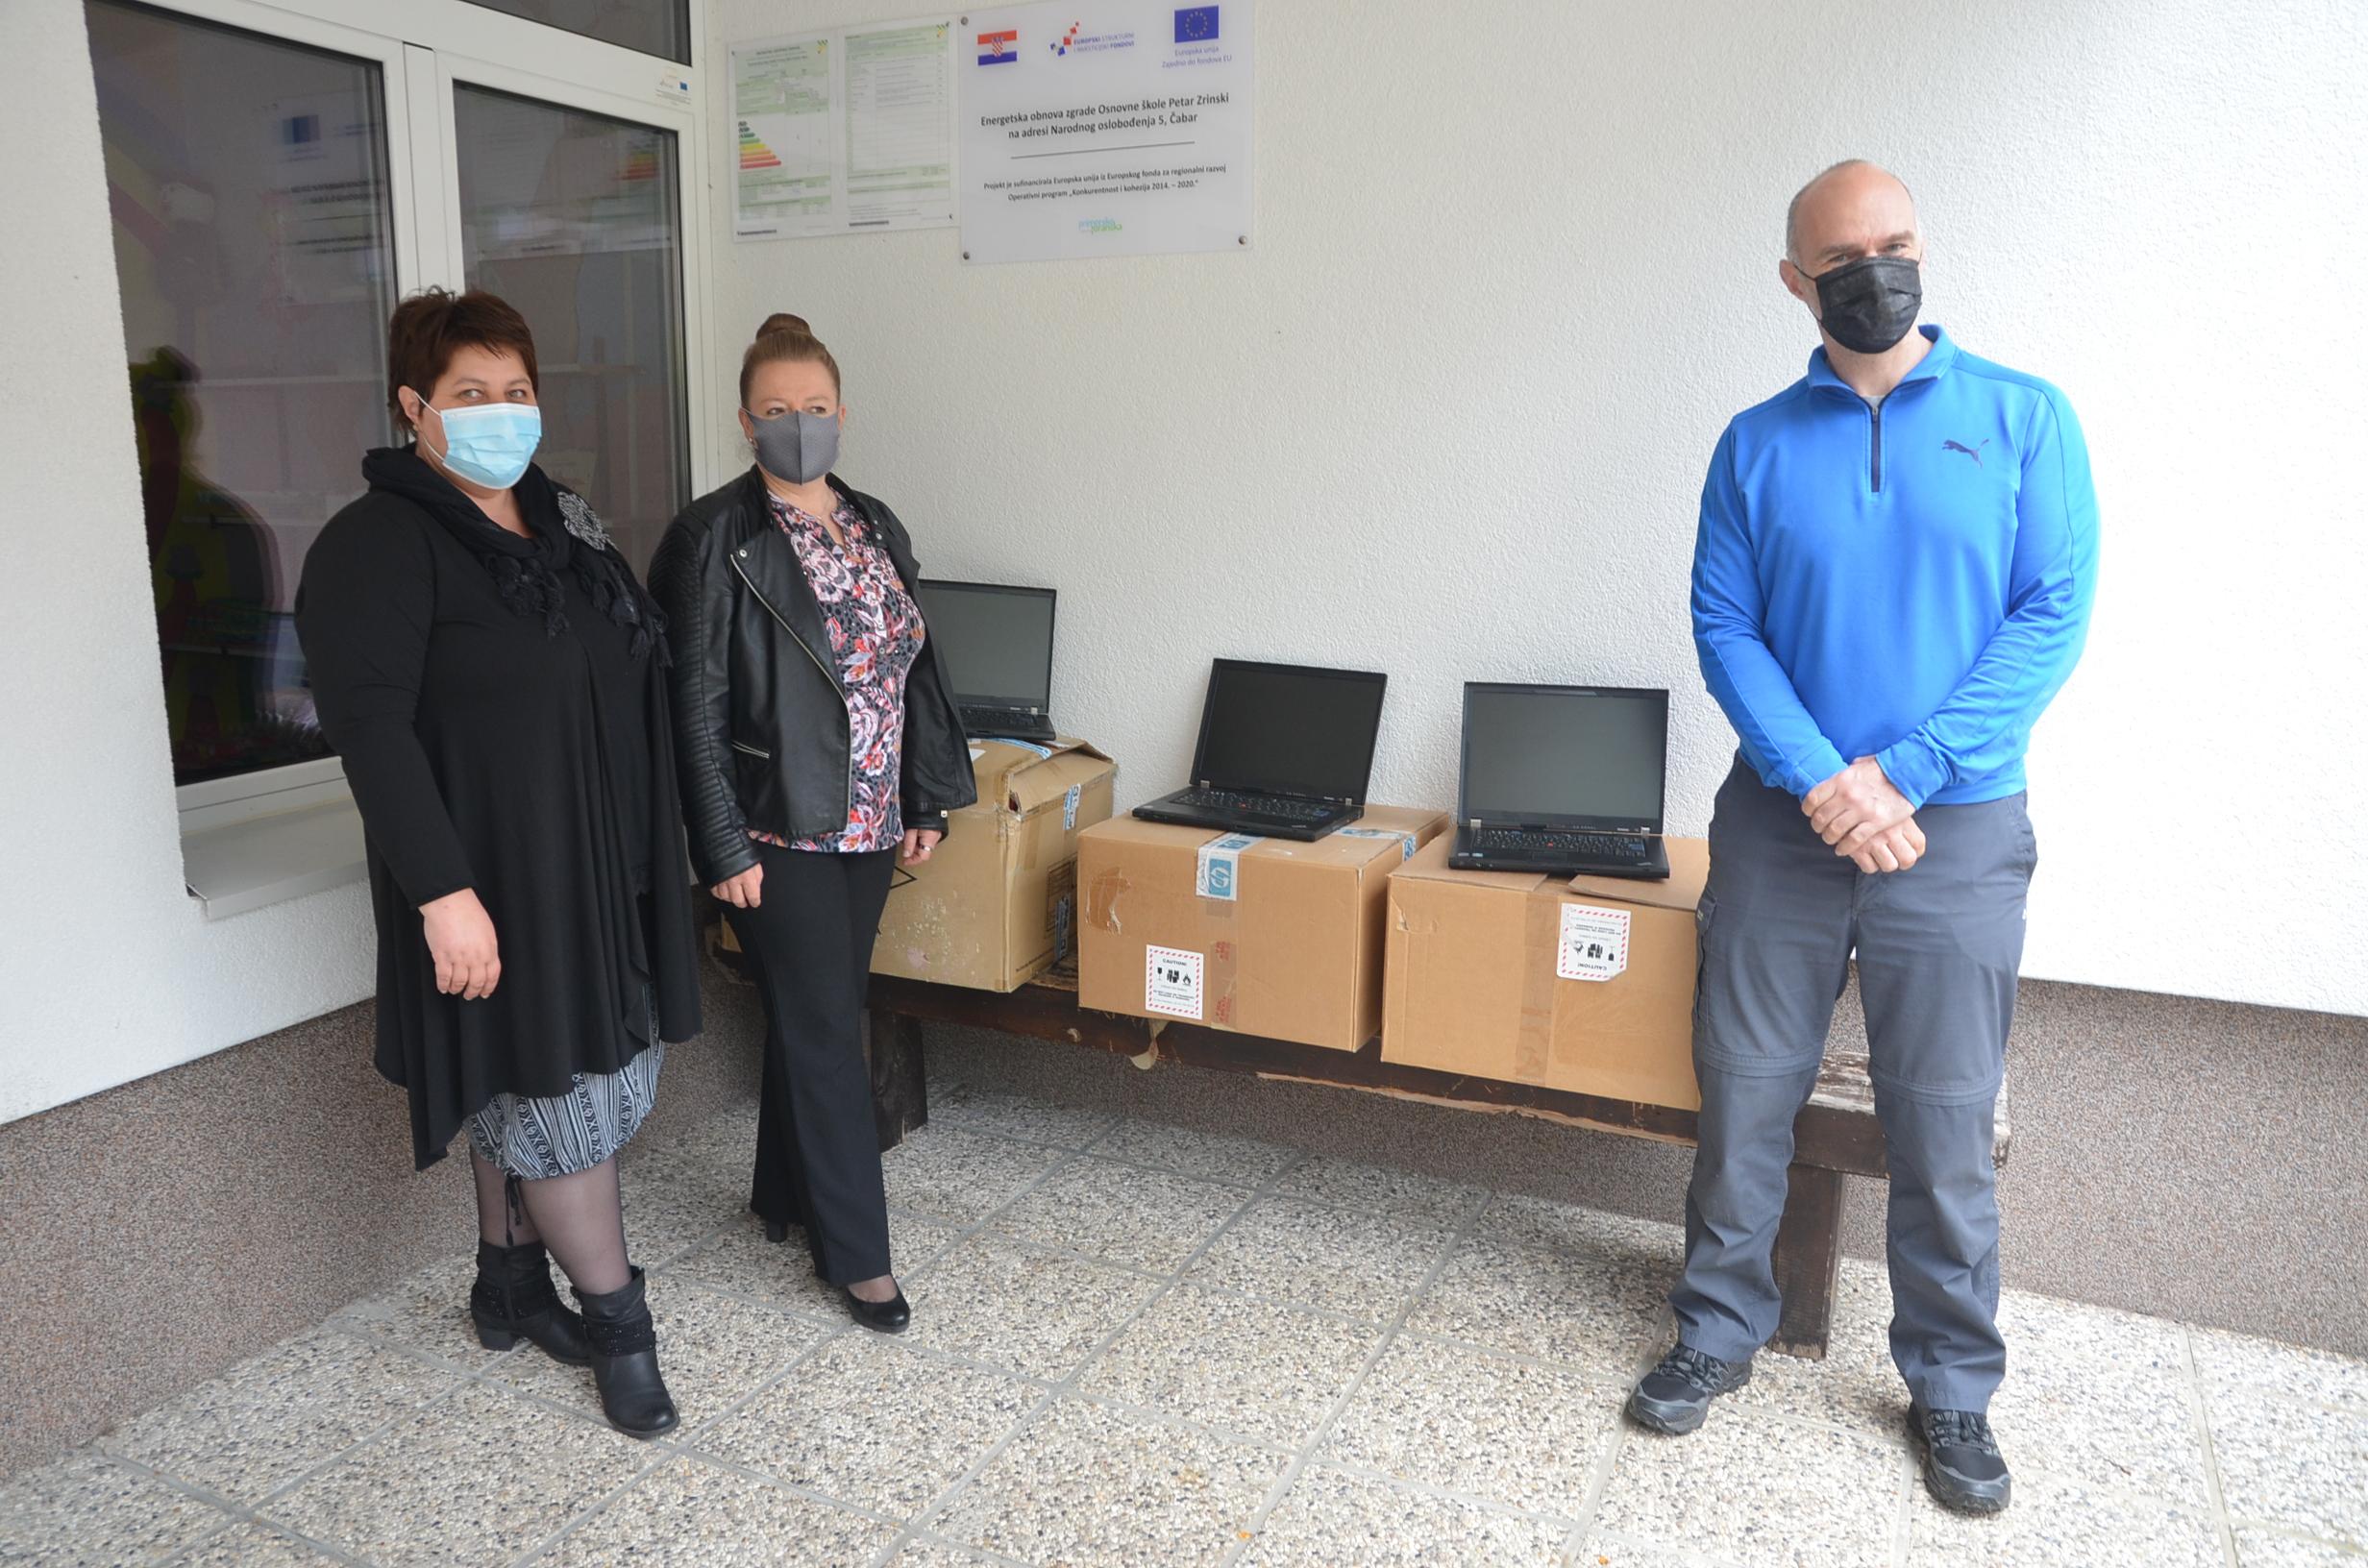 Barbara Turk Čop, Silvana Šebalj Mačkić i Denis Fudurić pored doniranih računala / Snimio M. KRMPOTIĆ